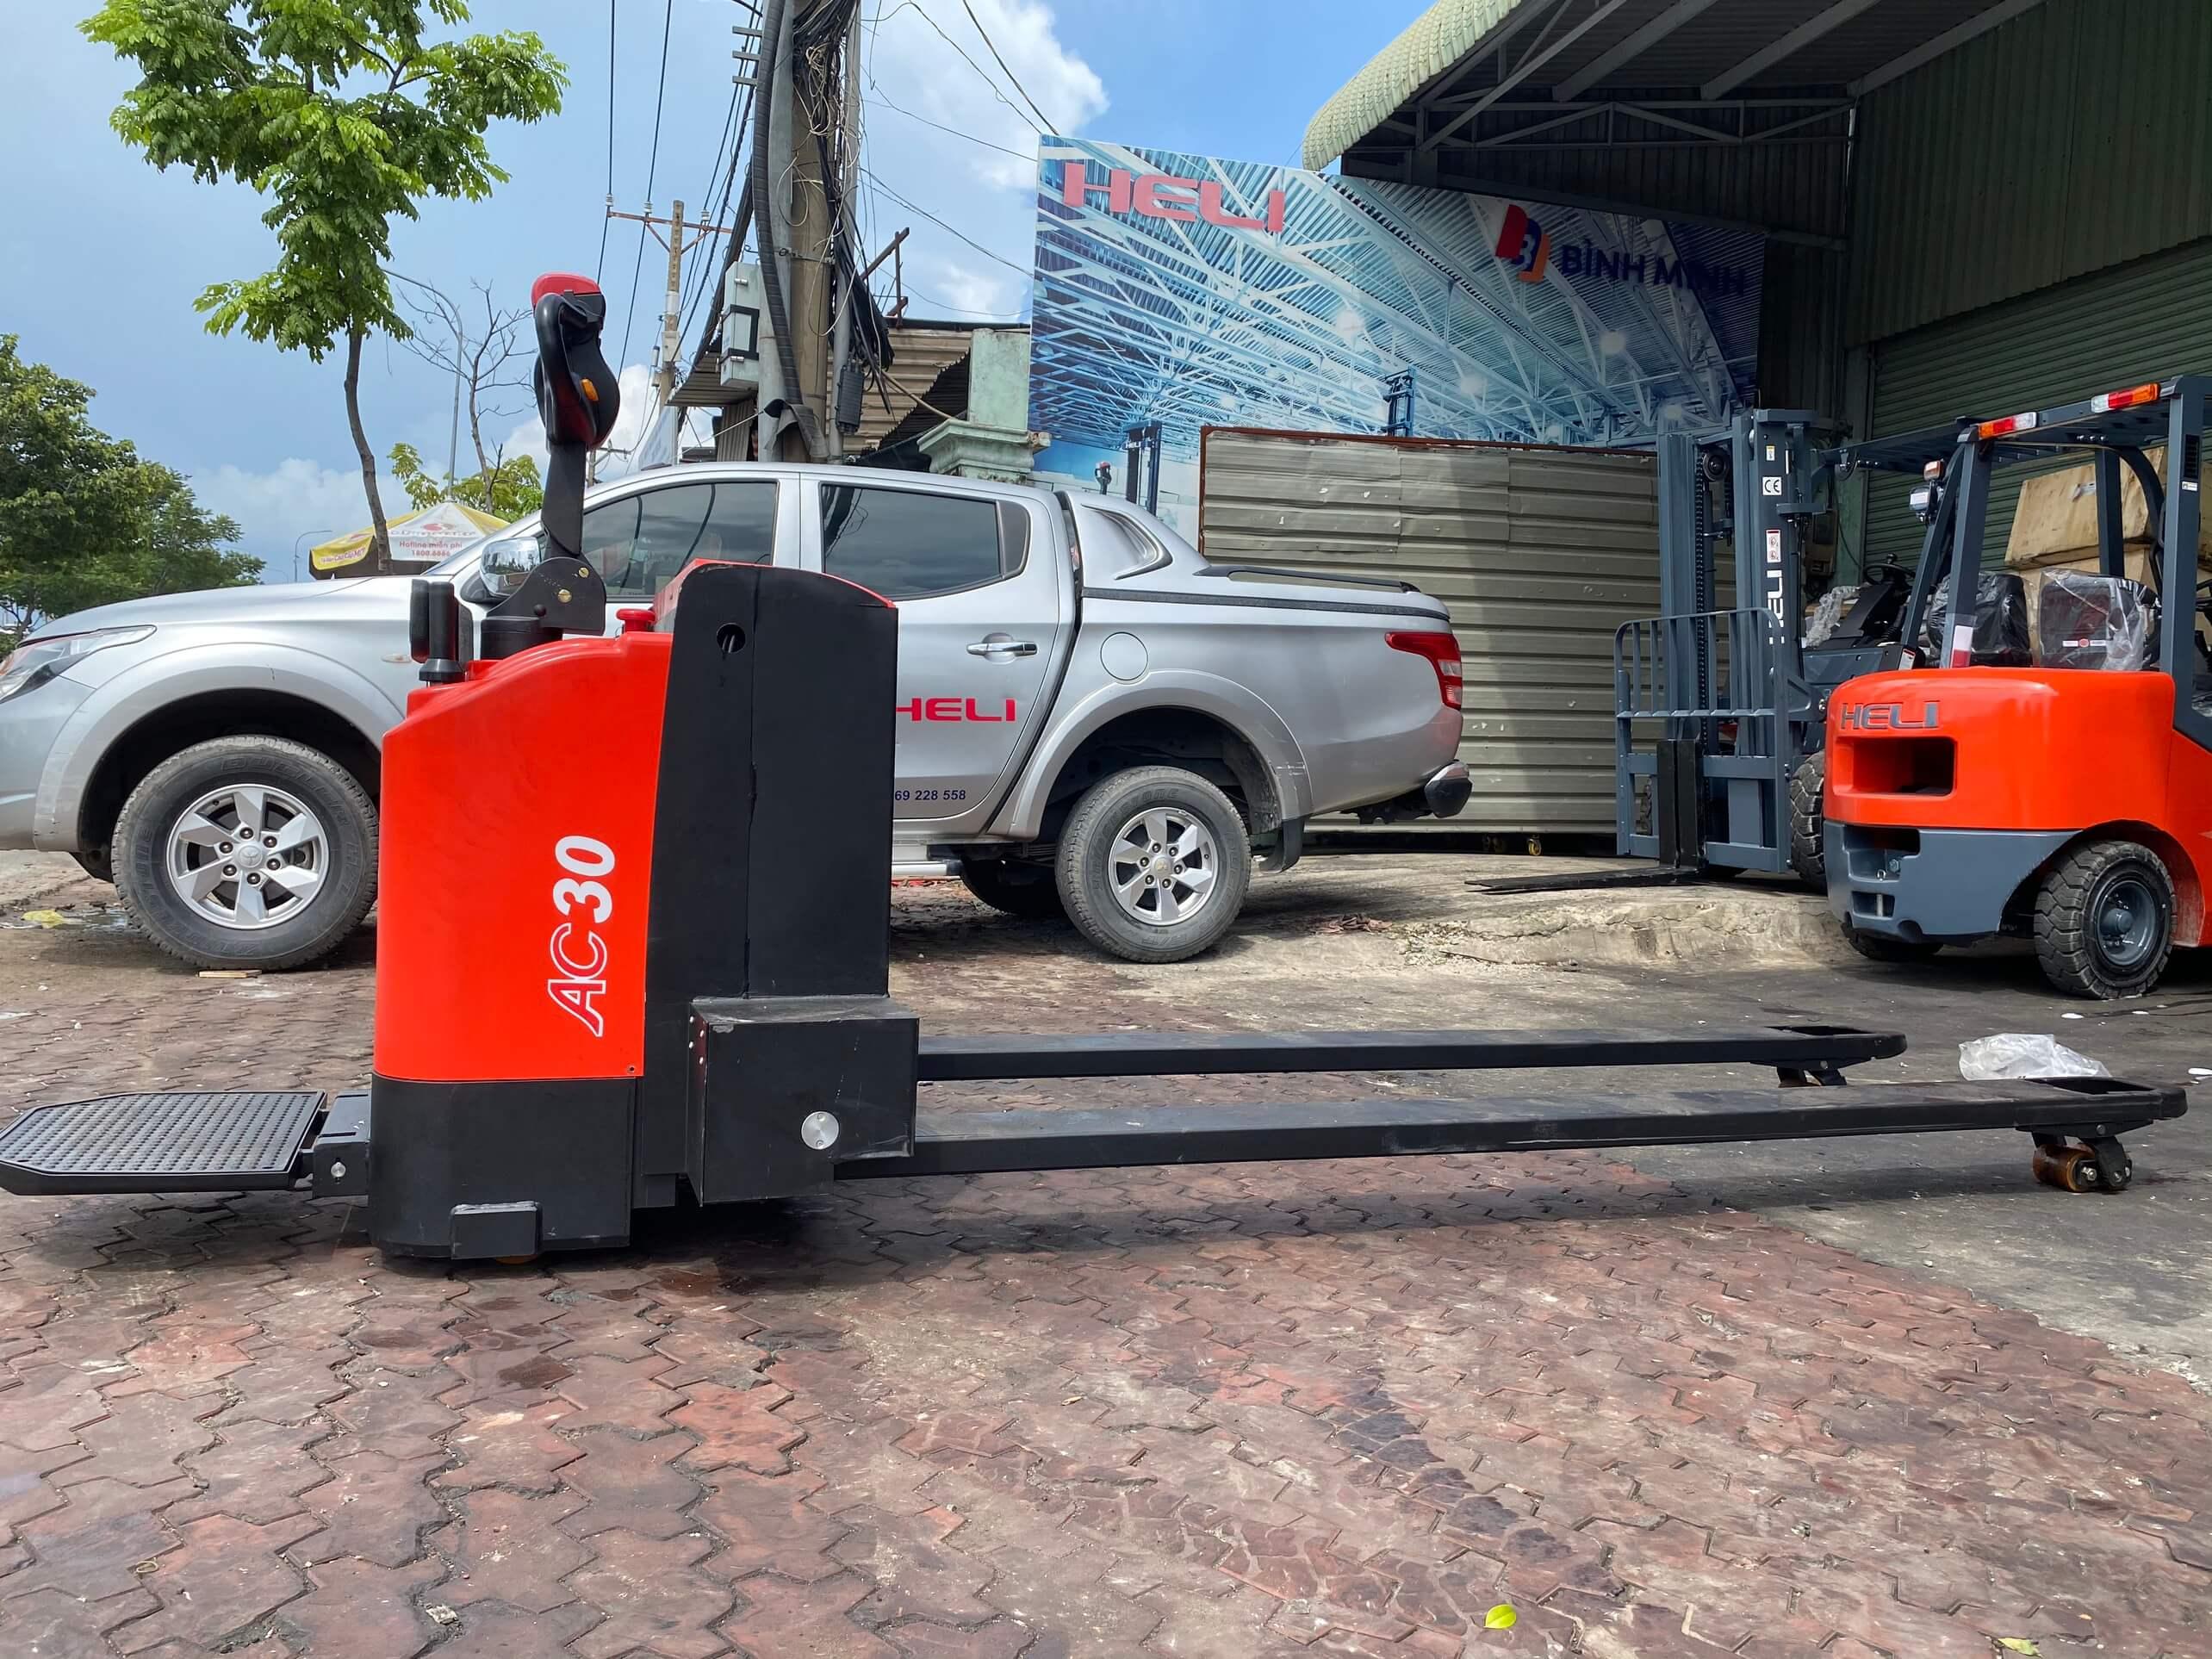 Xe nâng điện thấp 3 tấn Heli CBD30